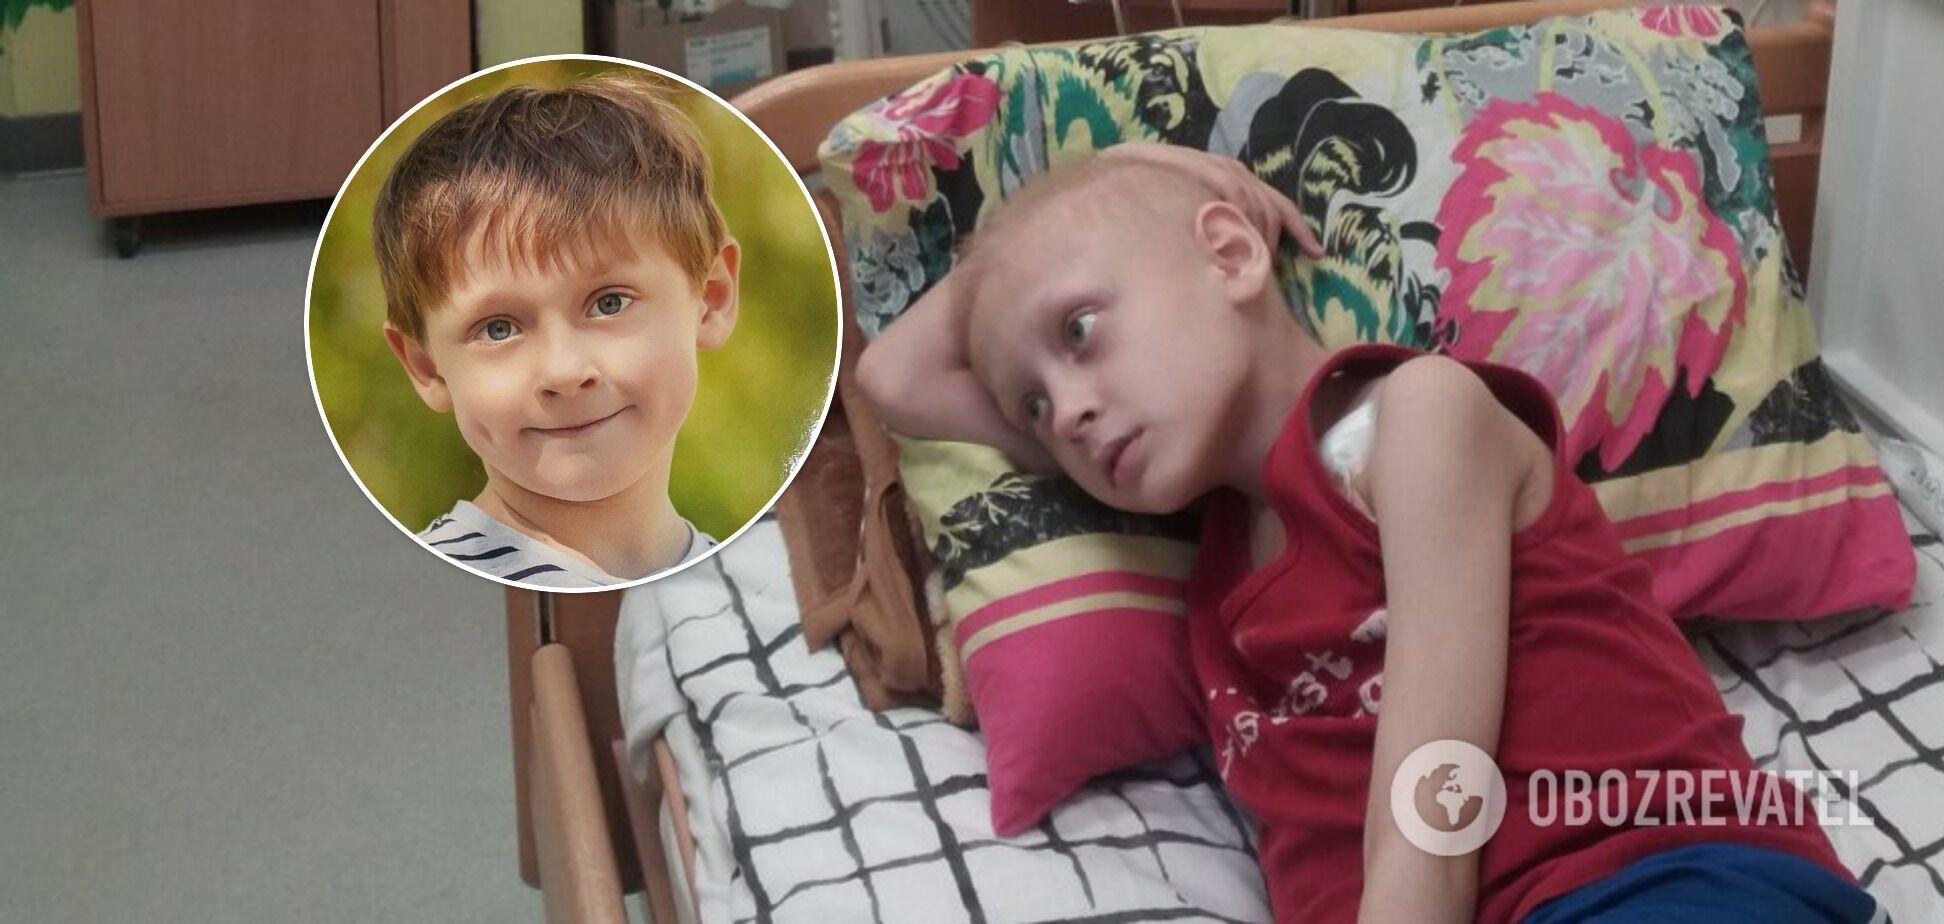 9-летнему Егору из Киева нужна помощь